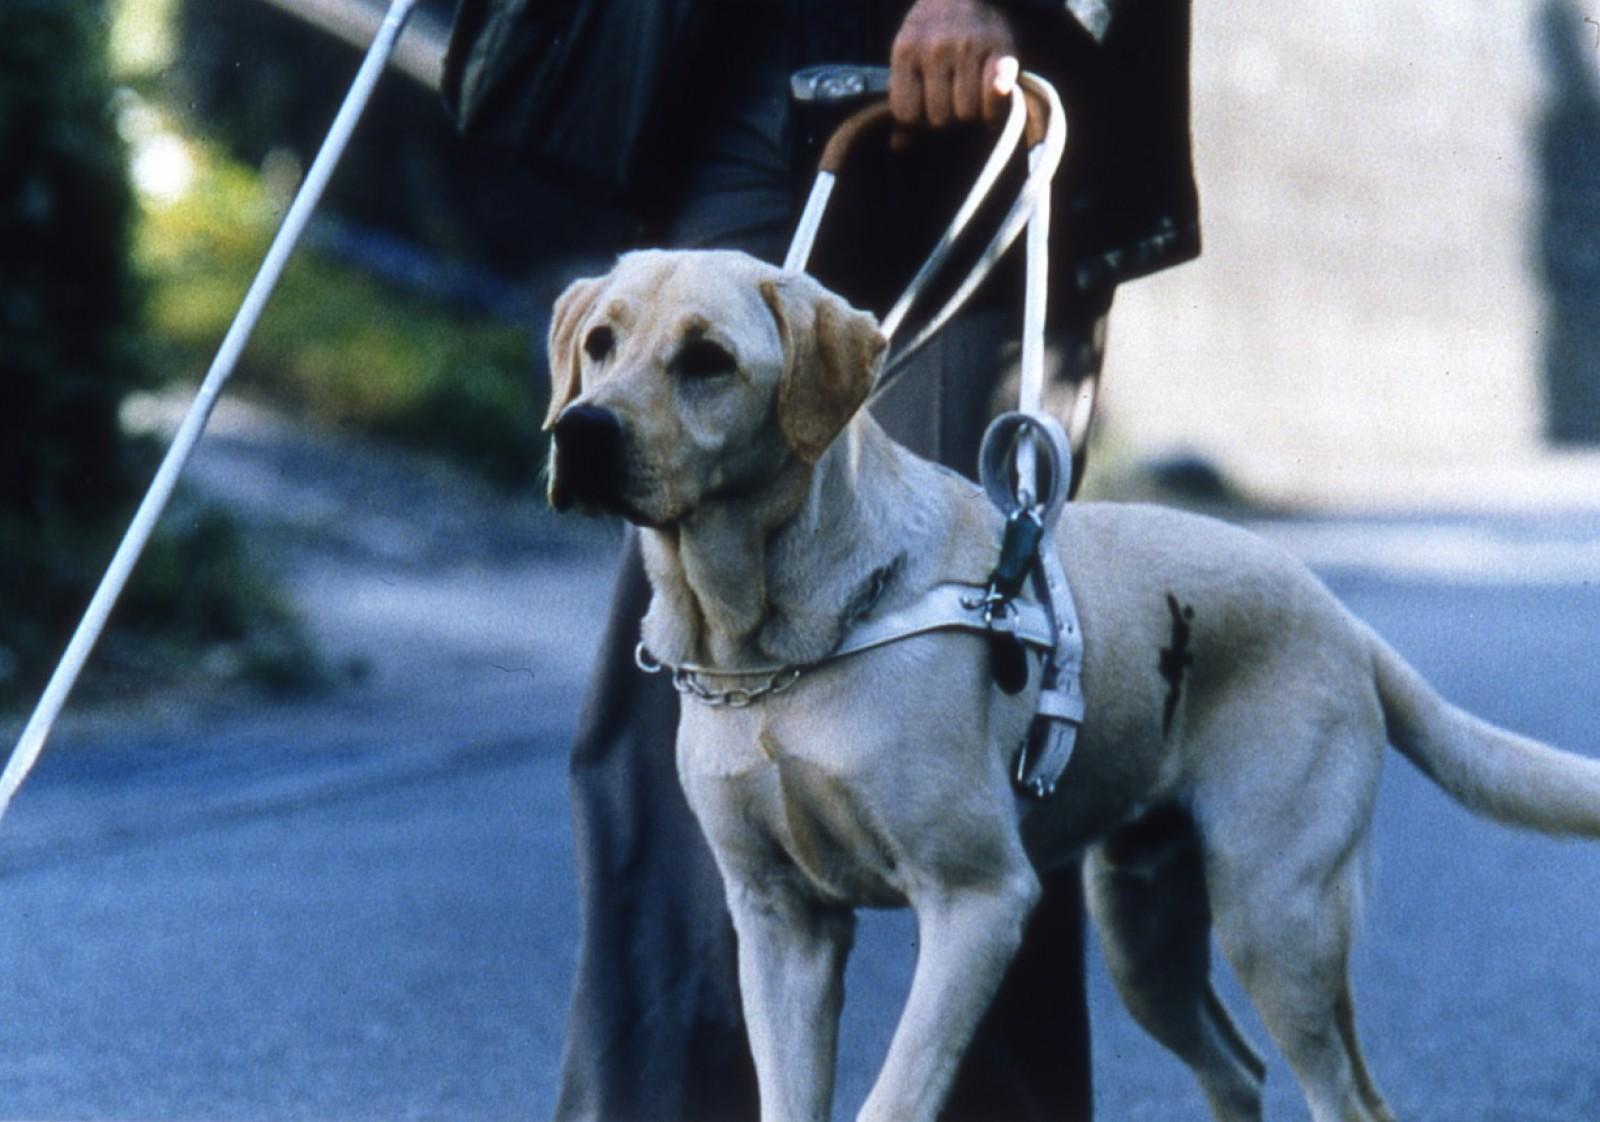 ВЕкатеринбурге кондуктор потребовала отинвалида оплатить проезд собаки-поводыря